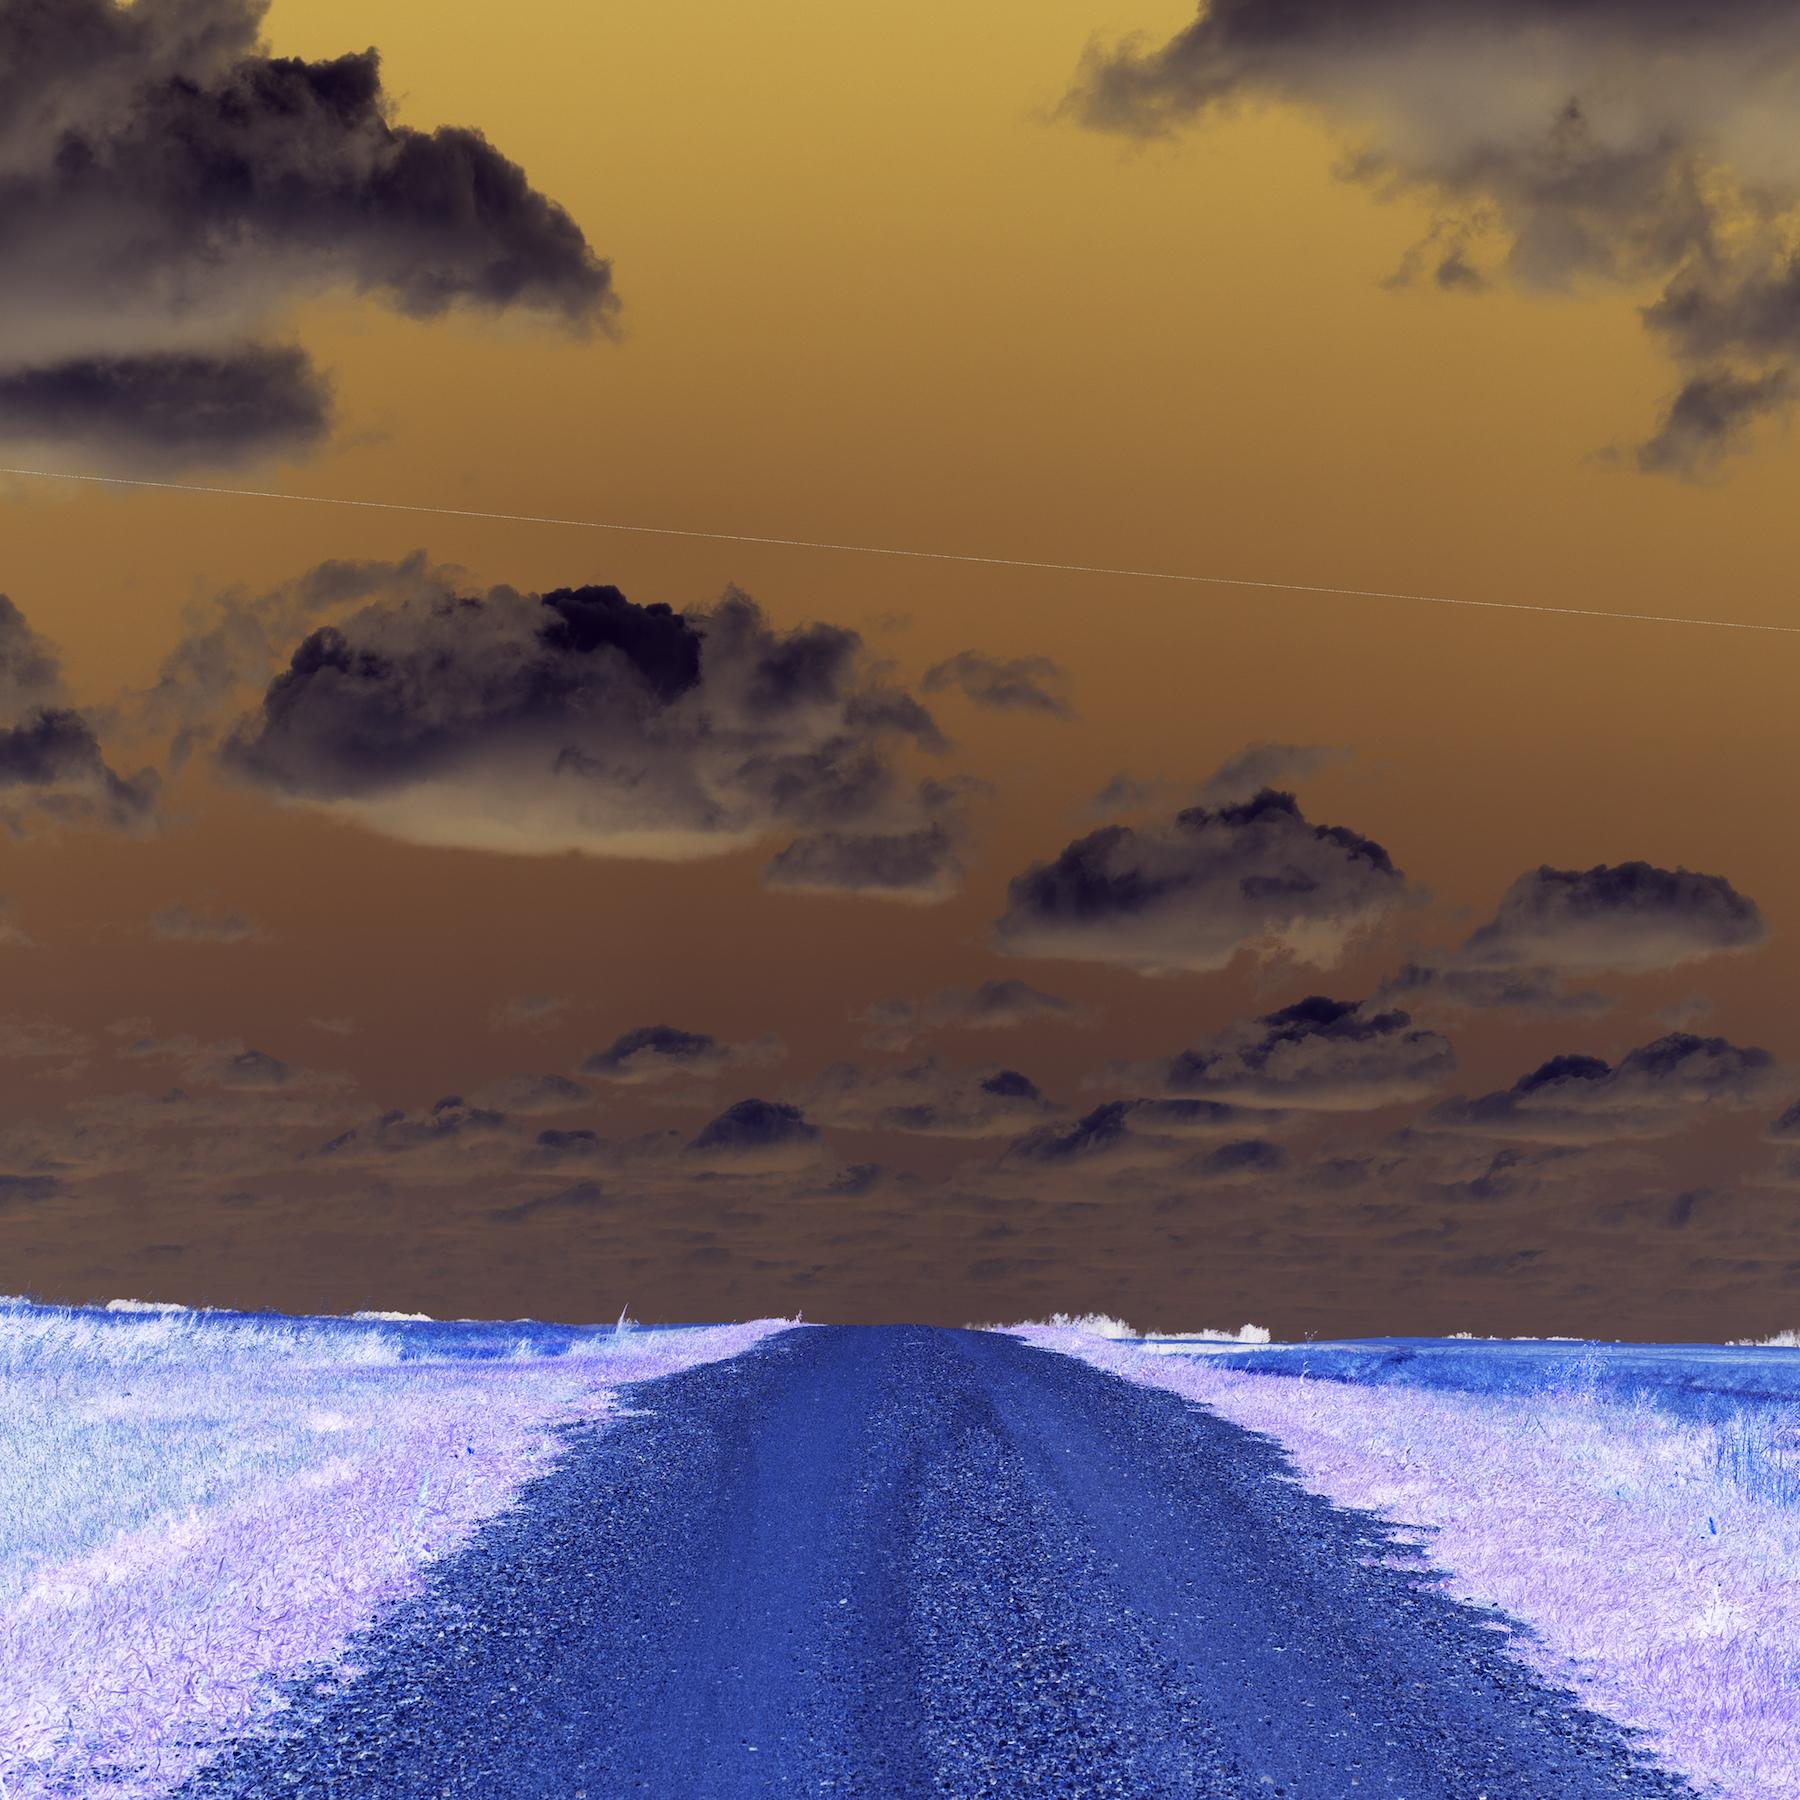 50_Lesia_Maruschak_The Blue Pebble Road.jpeg